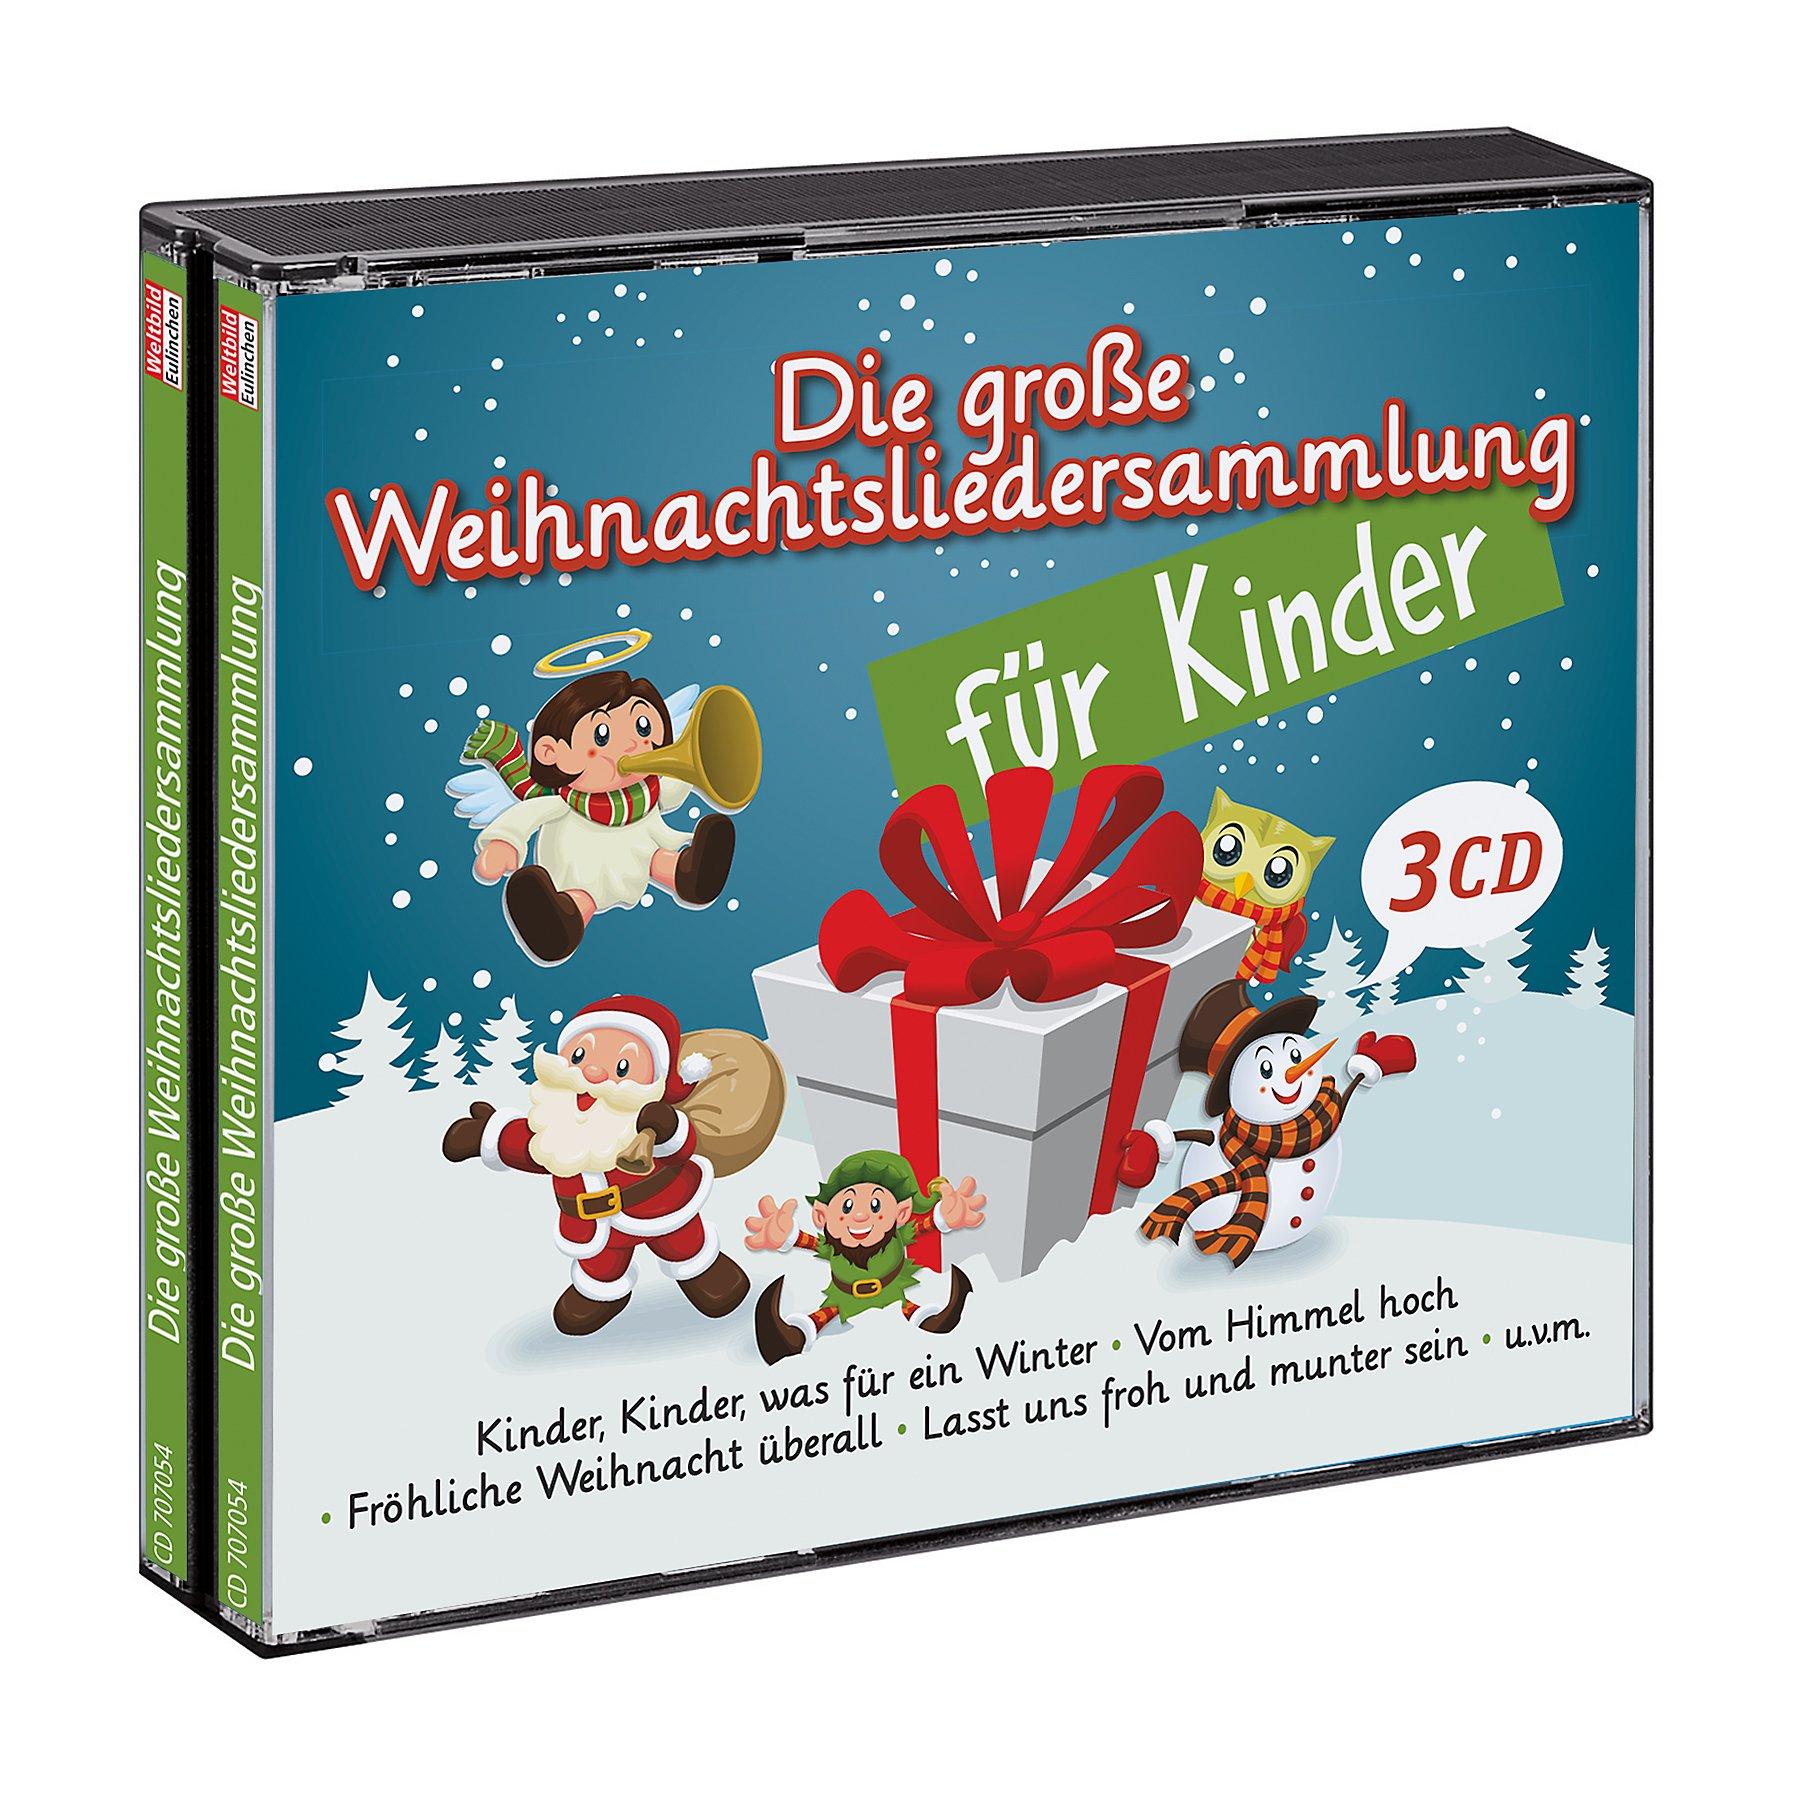 Die große Weihnachtslieder Sammlung für Kinder günstig | Weltbild.at